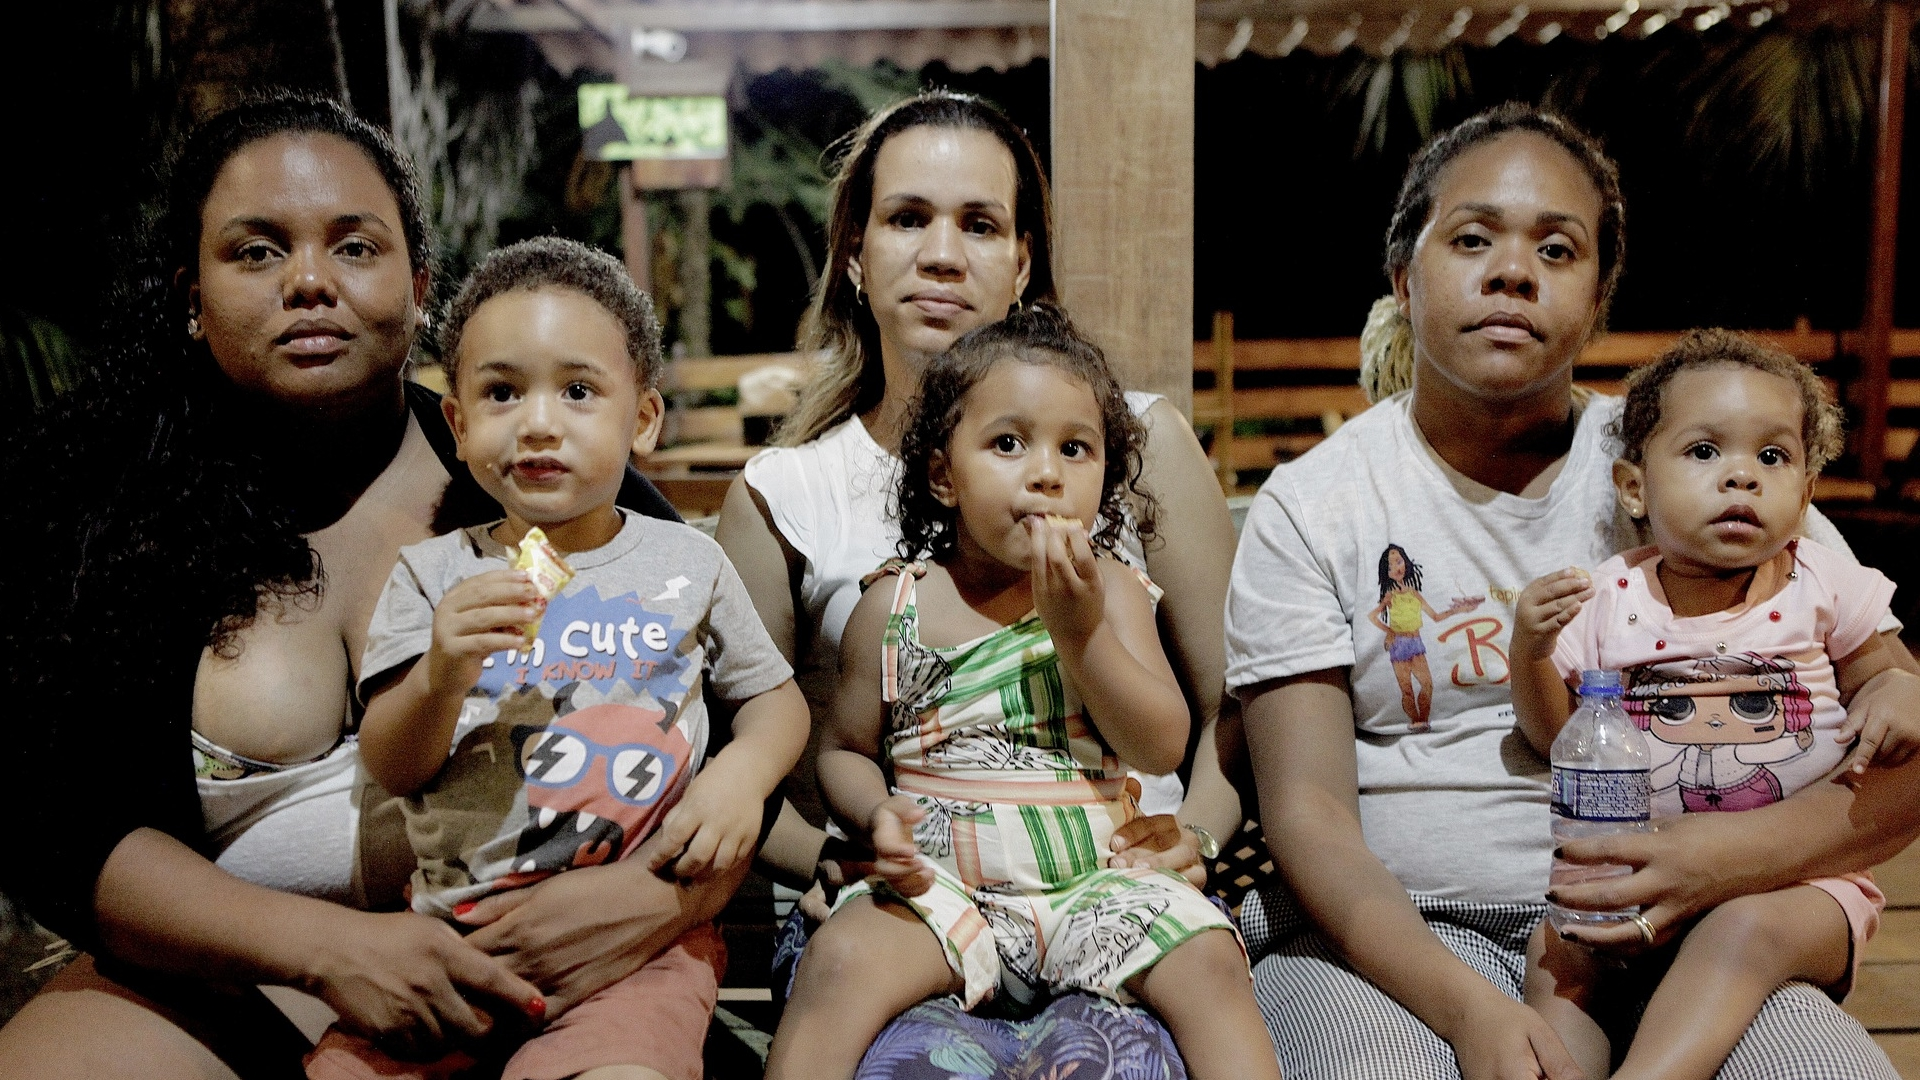 Harlene, Ione e Babalu, foram as personagens do documentário que acompanha a jornada das gestantes que tiveram que se deslocar para o continente para realizarem seus partos |Foto: Divugação